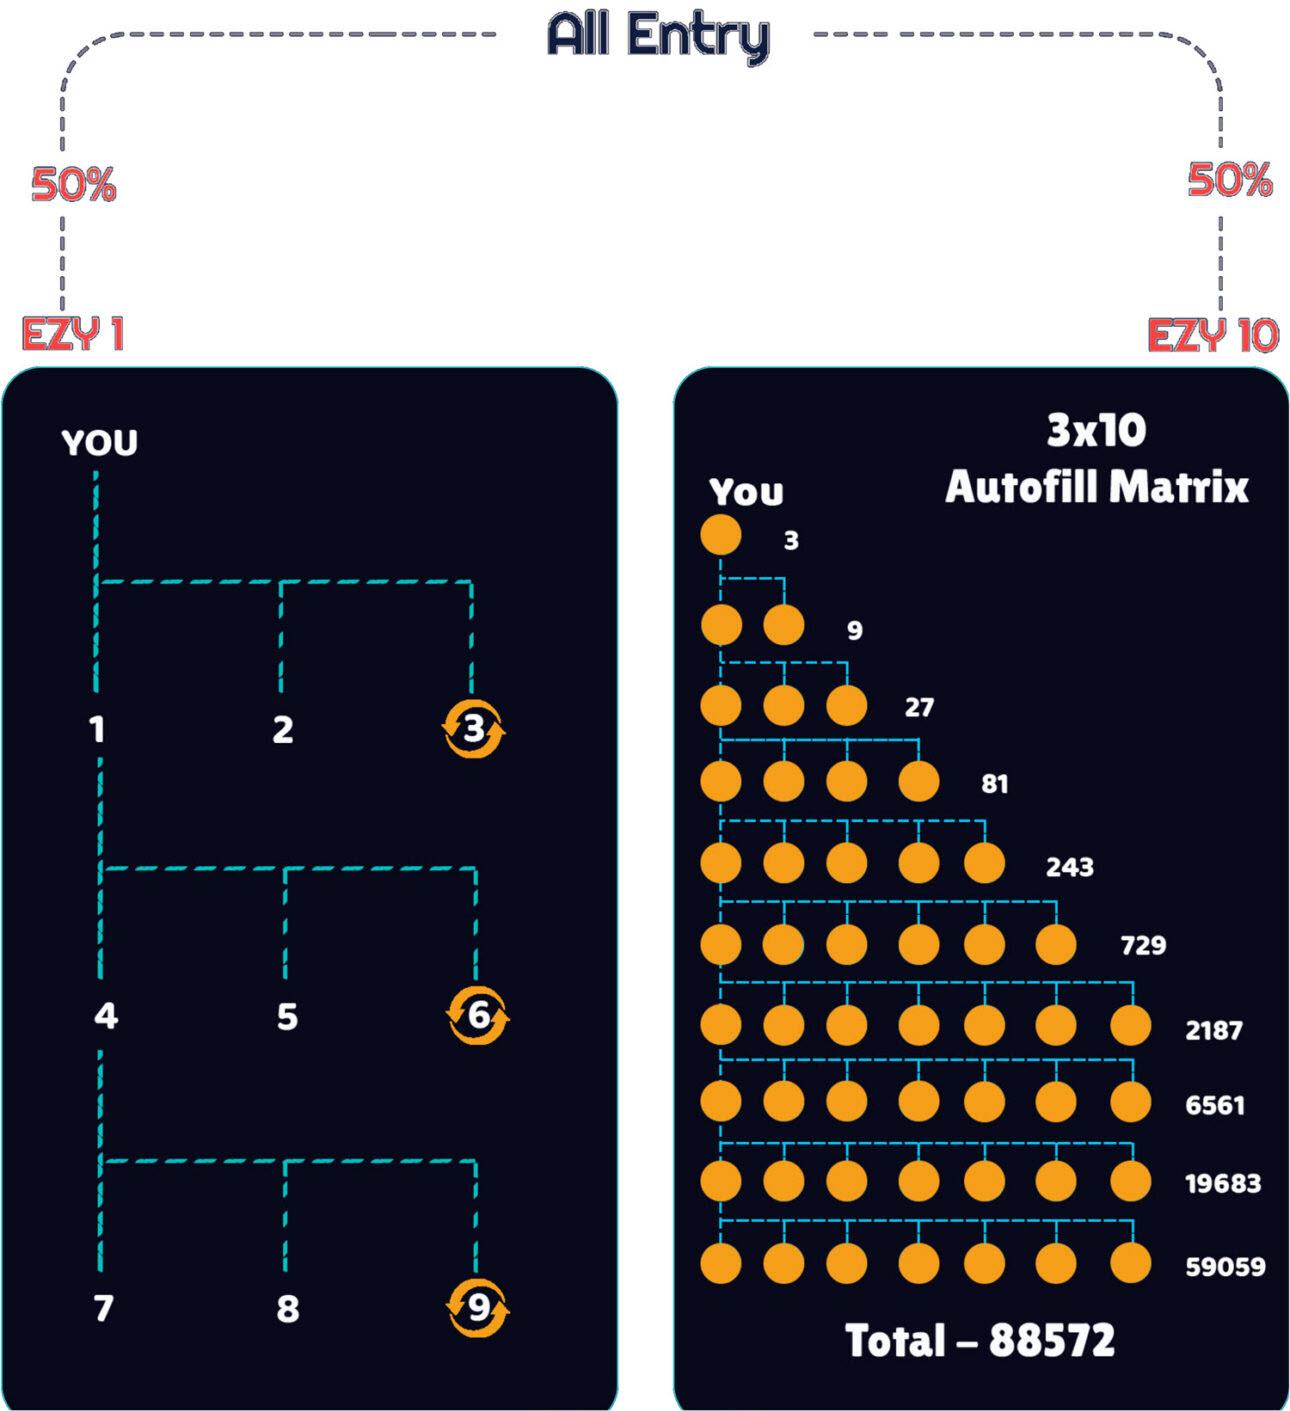 EZYTRX EZ1 EZ10 a 1500